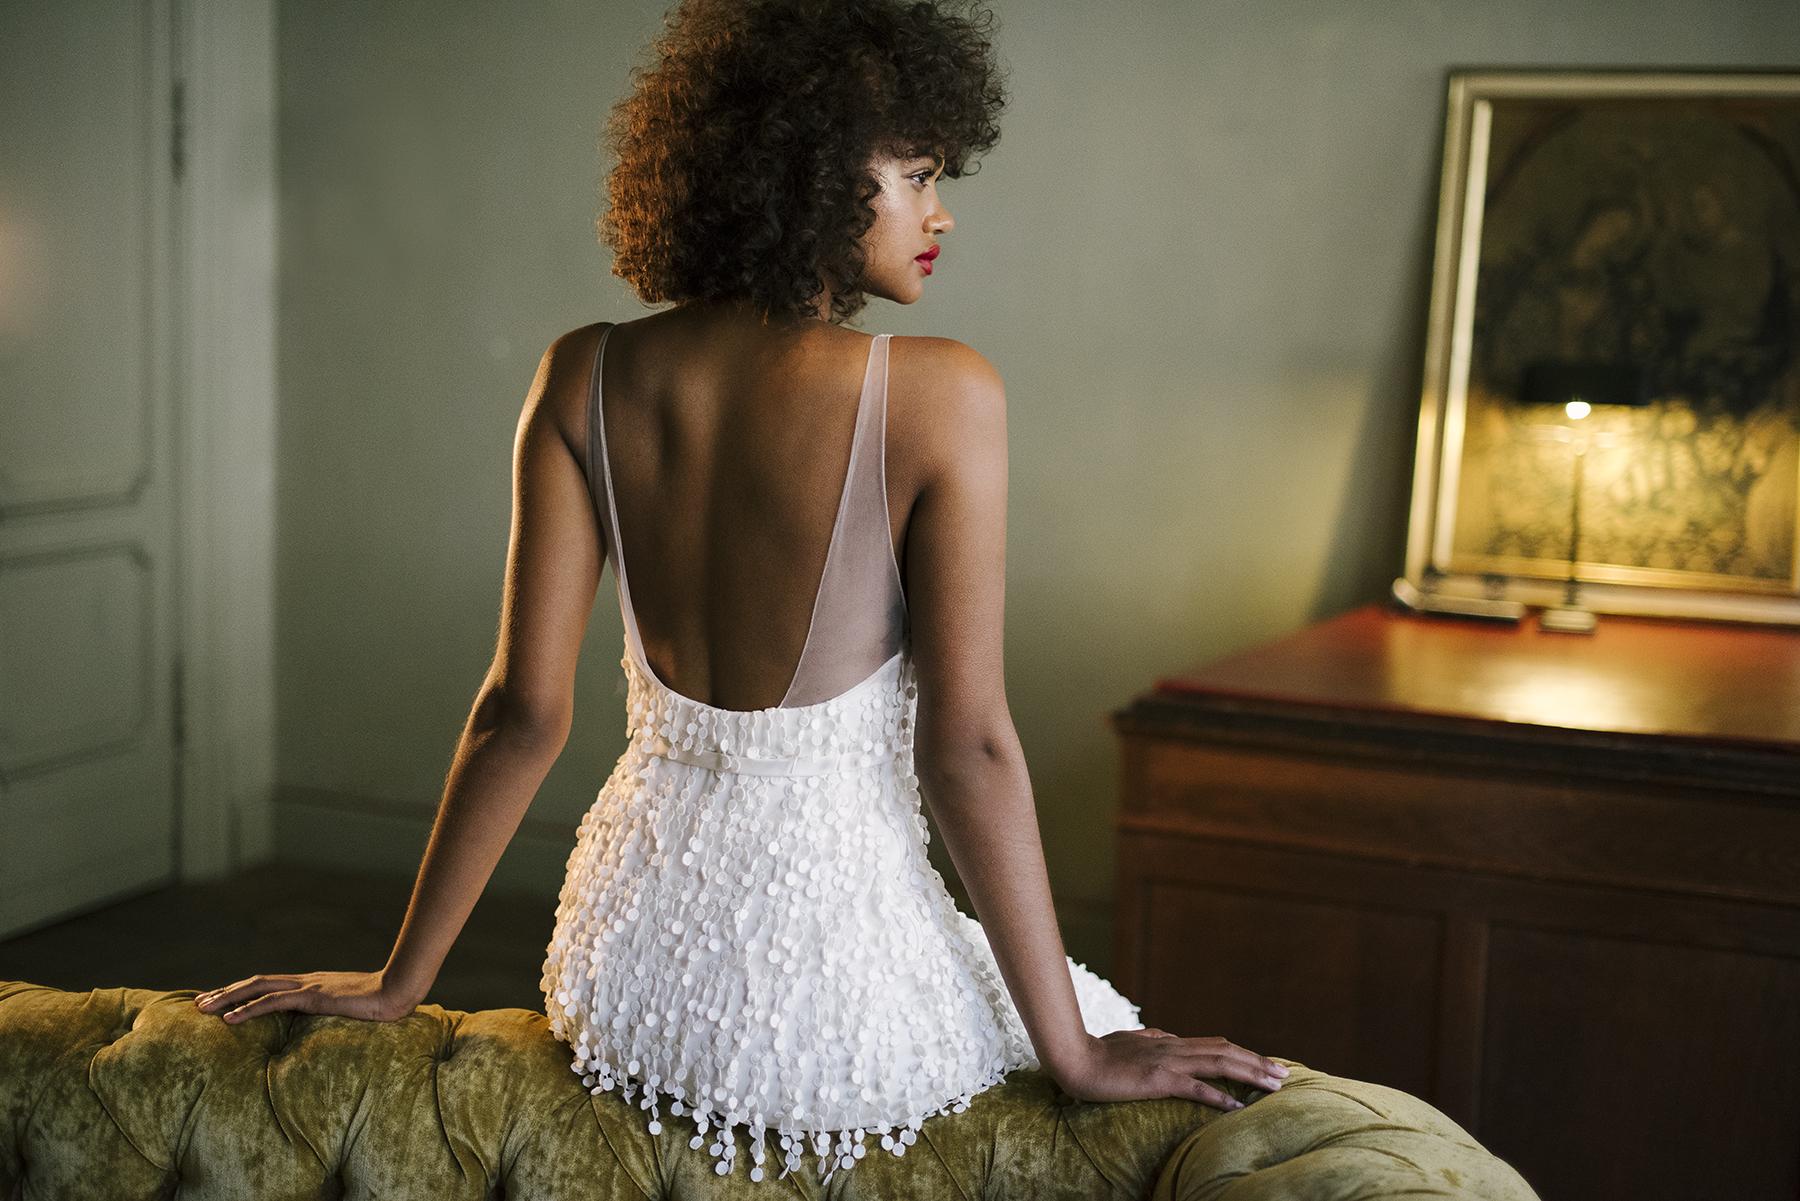 Vous désirez modèle unique? - Pourquoi ne pas créer ensemble avec Valentine la robe de vos rêves? Pas à pas, elle vous guidera dans vos choix de façon à s'assurer que votre robe corresponde exactement à vos désirs et à votre personnalité. À l'aide de croquis, magazines et échantillons de tissus, vous sélectionnerez ensemble tous les composants de votre robe de manière à créer un modèle unique.